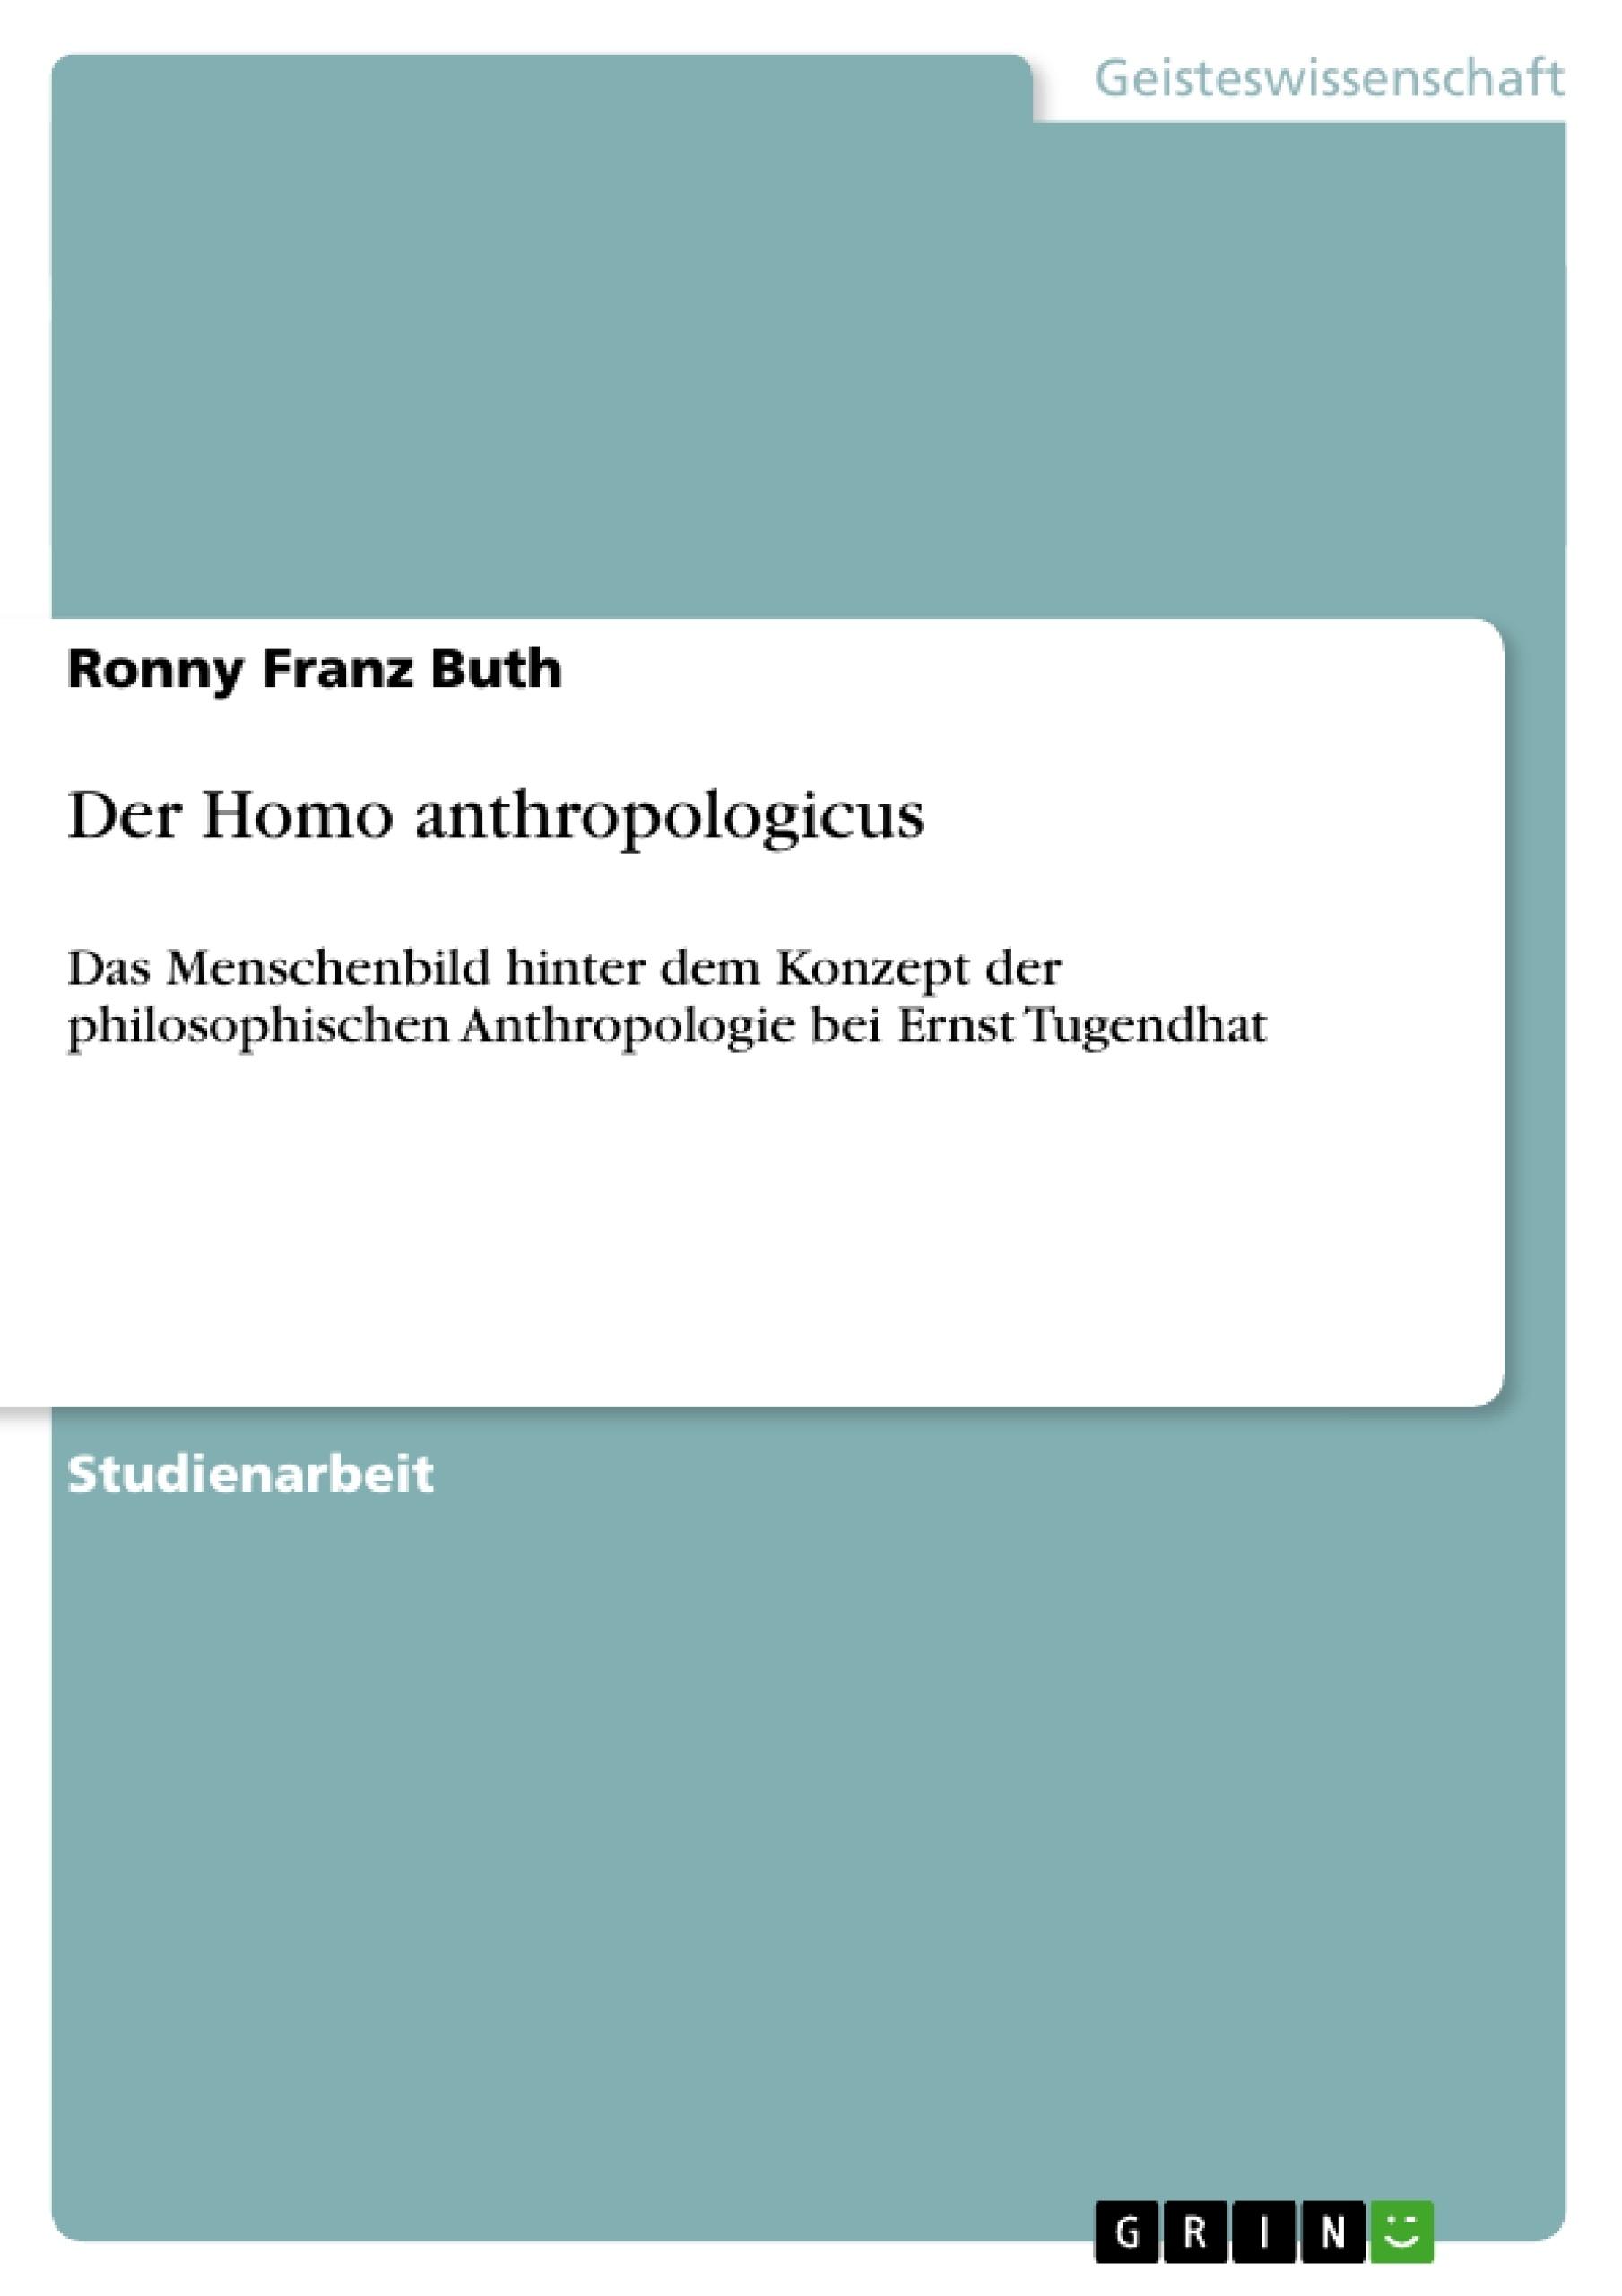 Titel: Der Homo anthropologicus